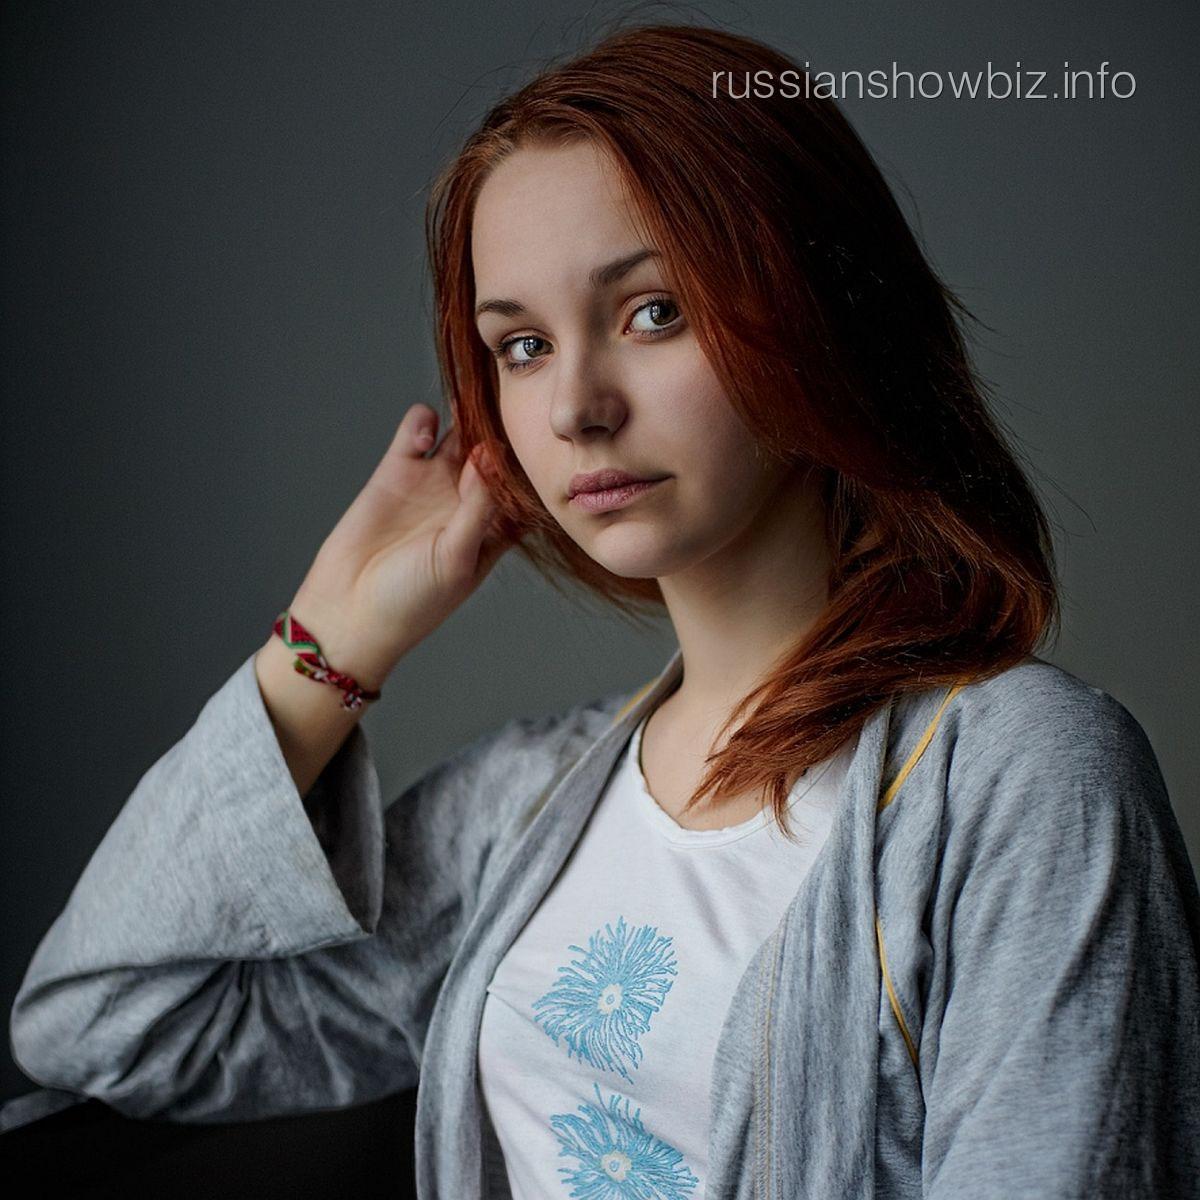 Мария Миронова (фото - Сергей Миронов)